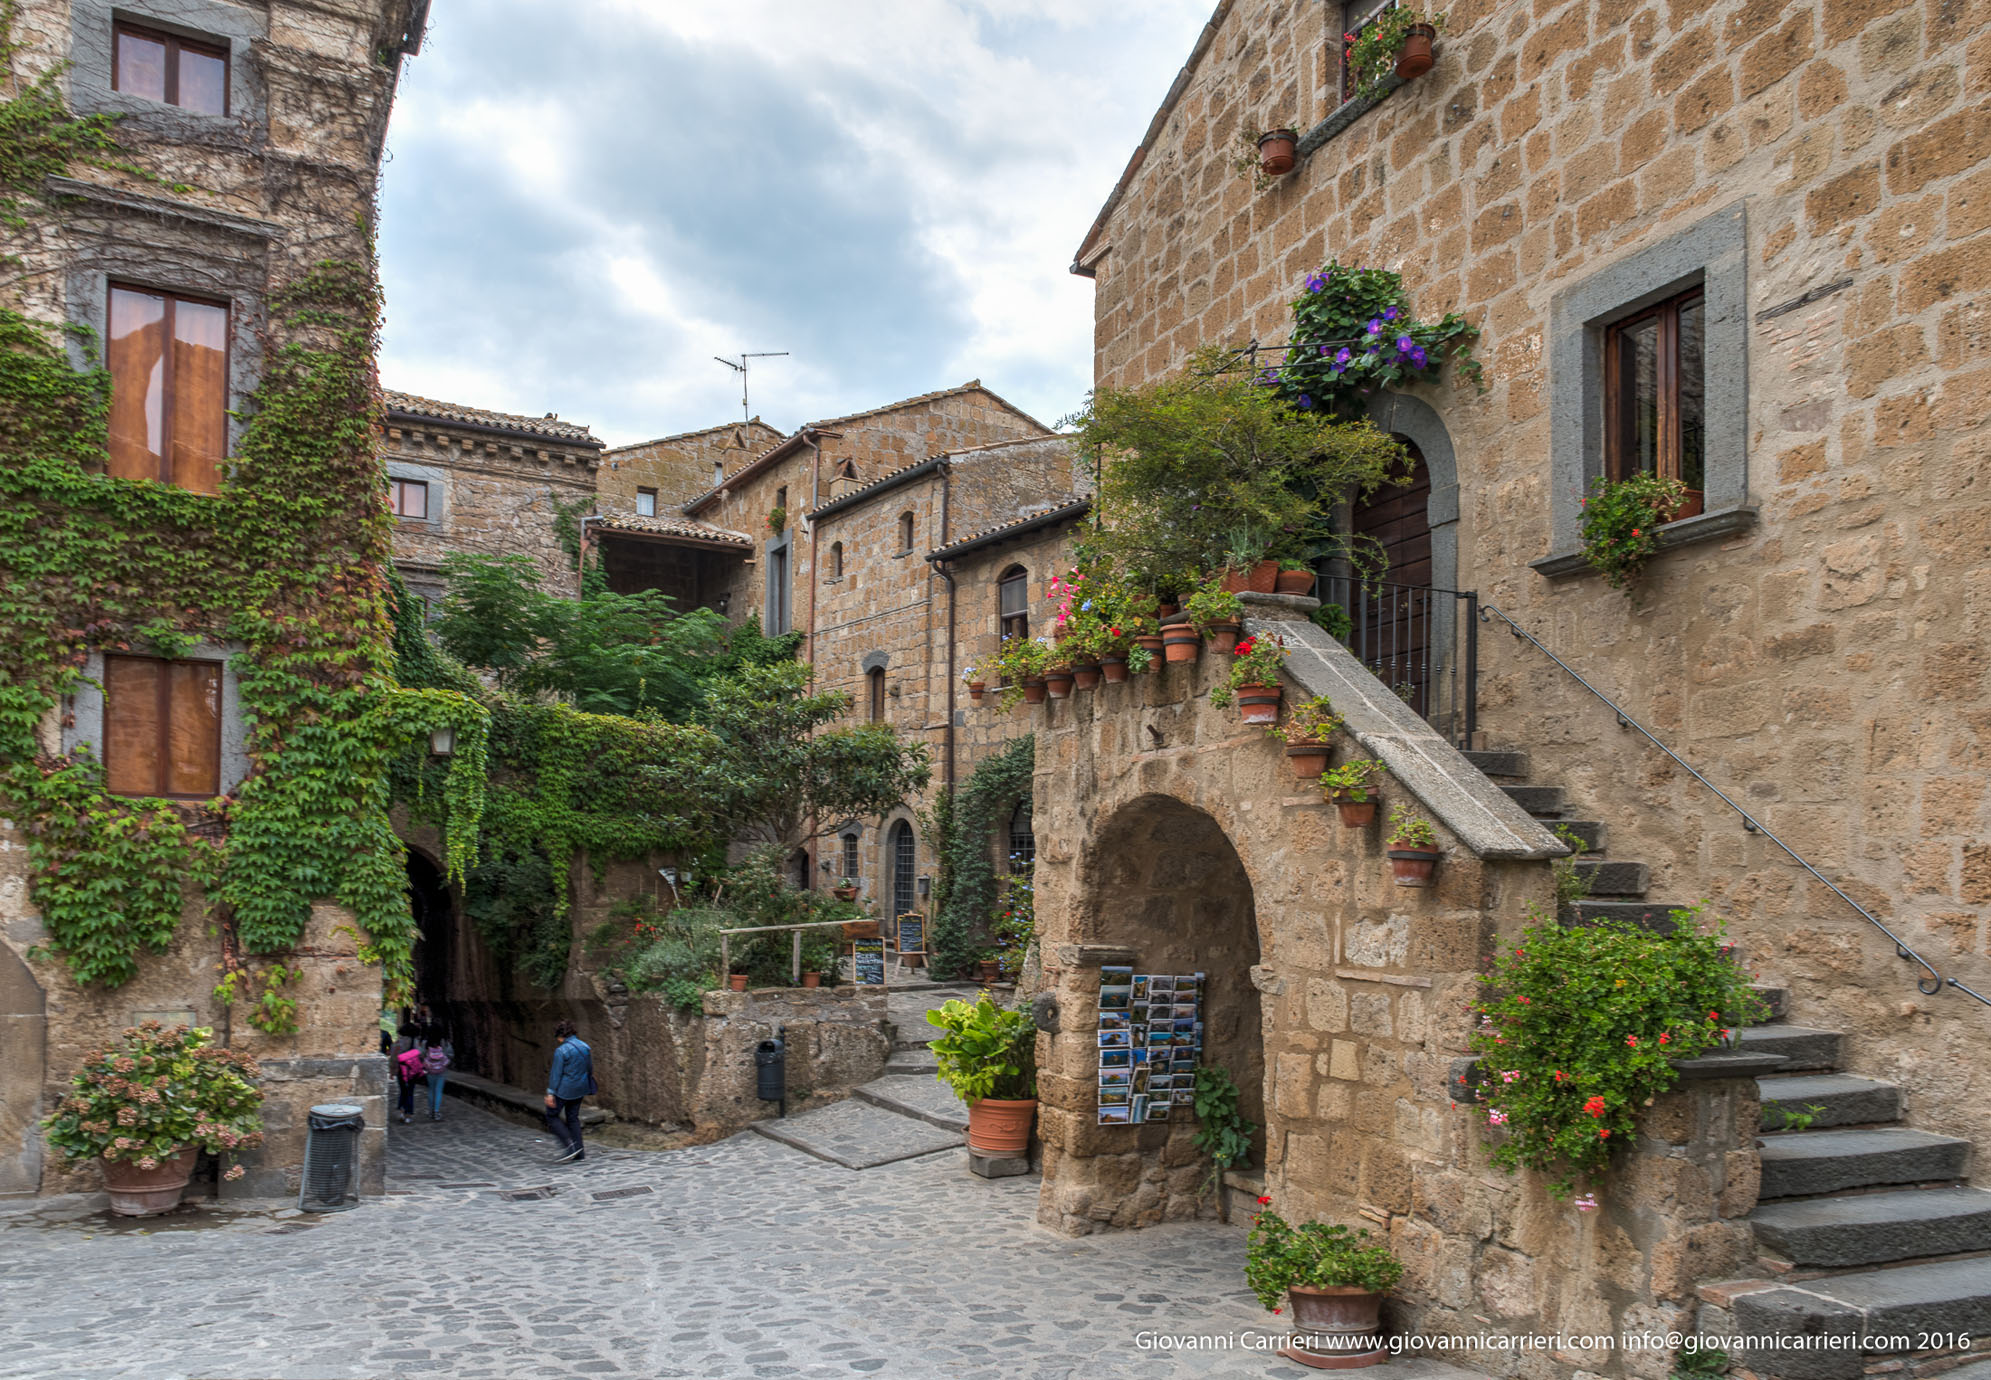 Le antiche costruzioni di Civita di Bagnoregio